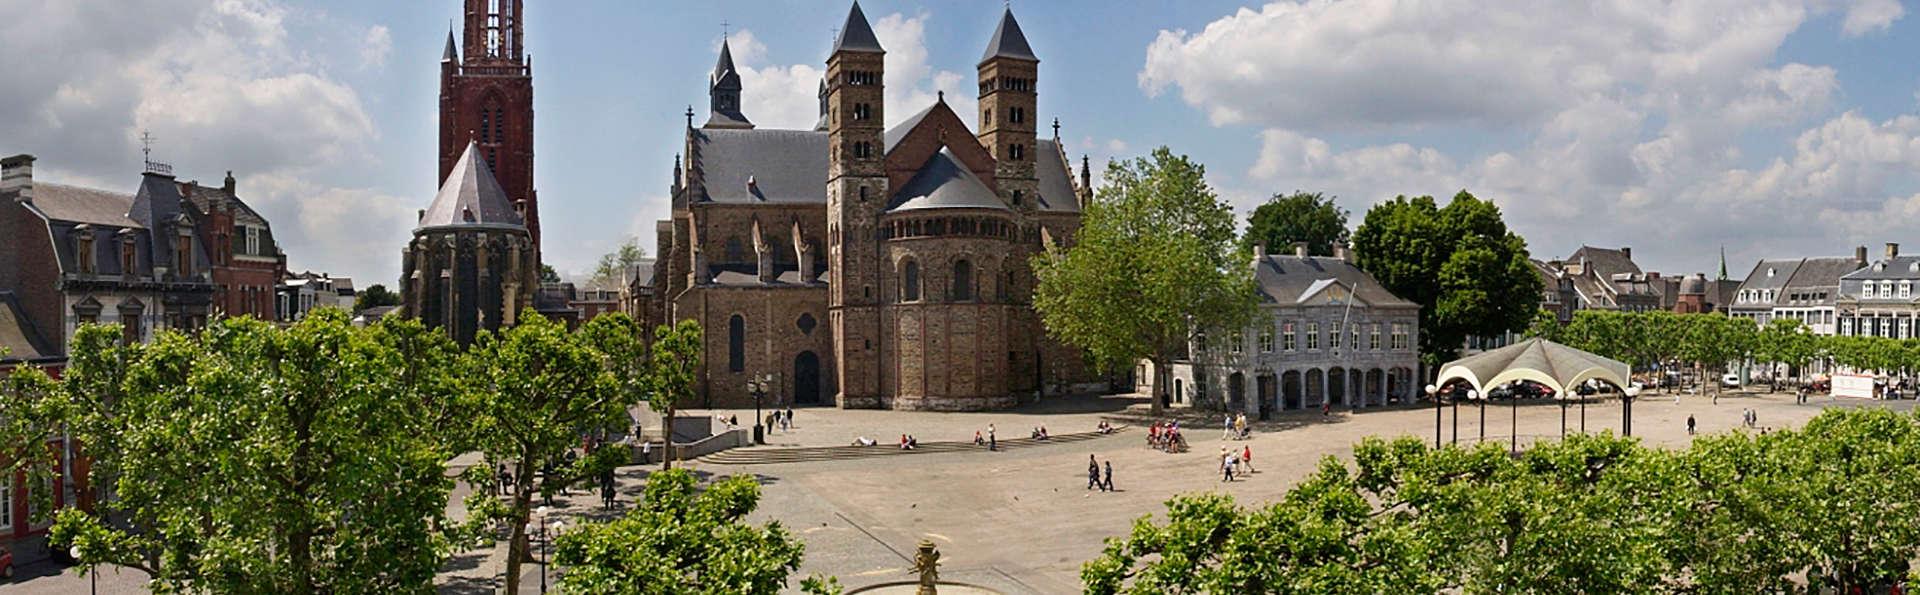 Citytrip pétillant dans la belle ville de Maastricht